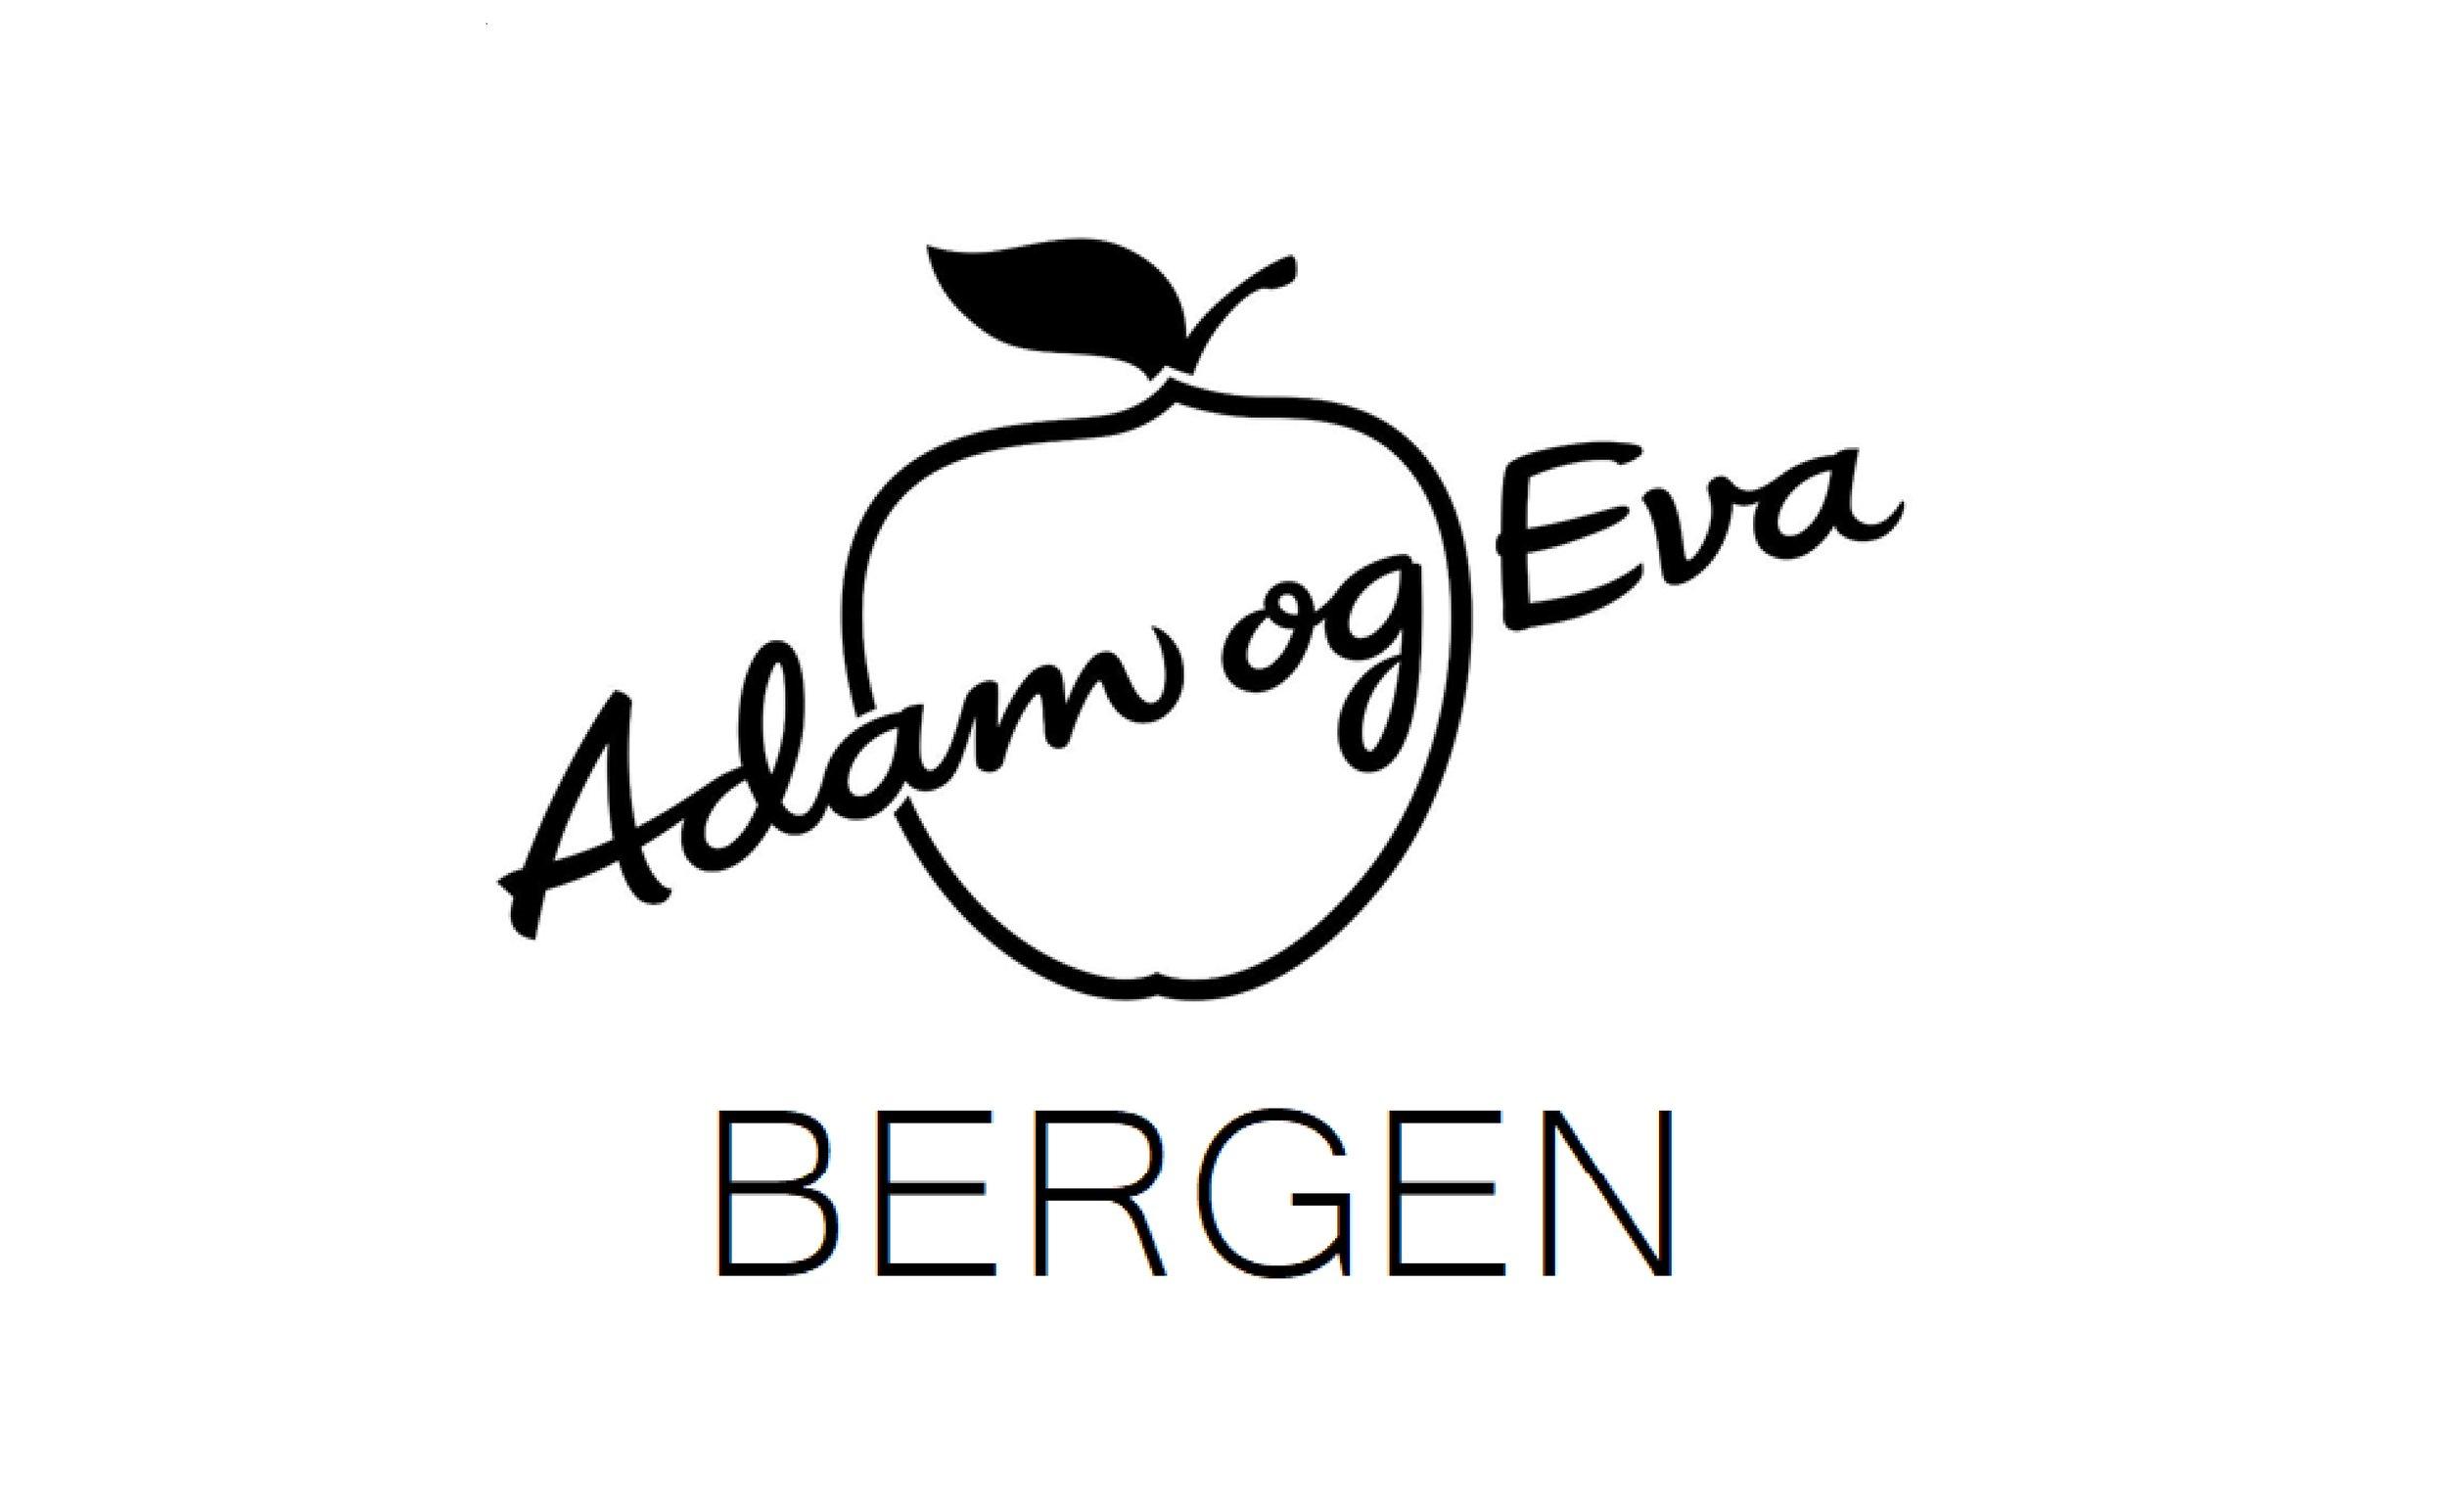 Adam og Eva Bergen.jpg